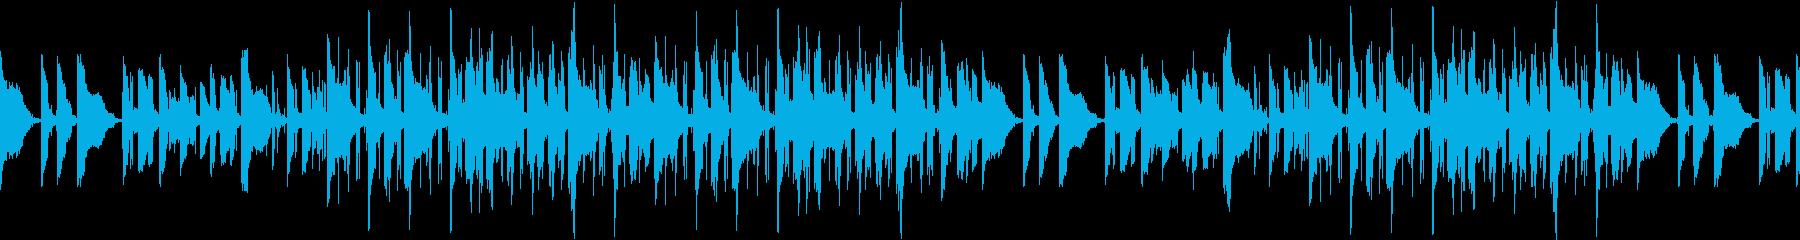 チルアウト・カフェ・お洒落・ギターの再生済みの波形